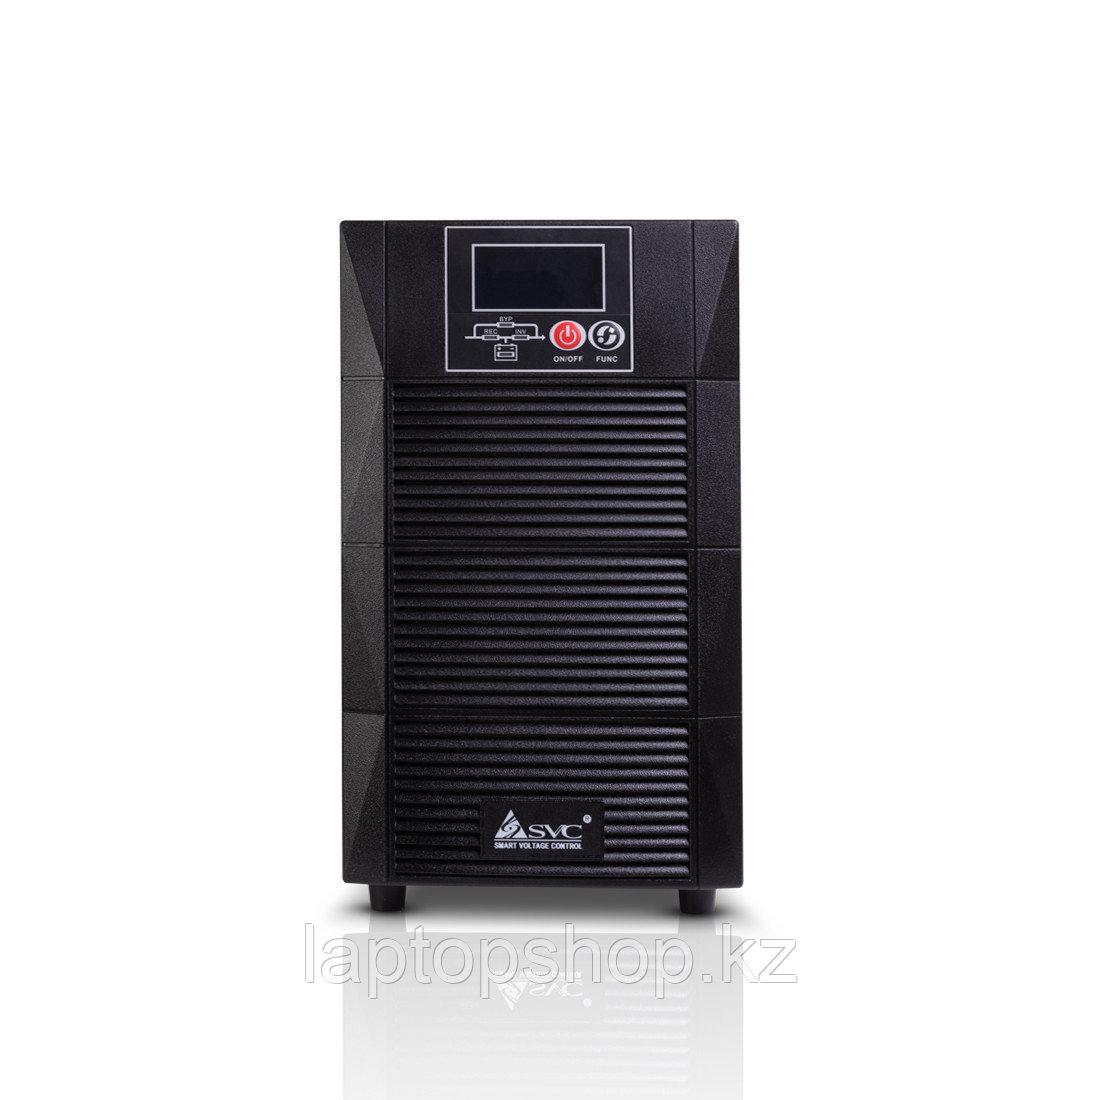 Источник бесперебойного питания SVC PTS-2KL-LCD, Мощность 2000ВА/1800Вт